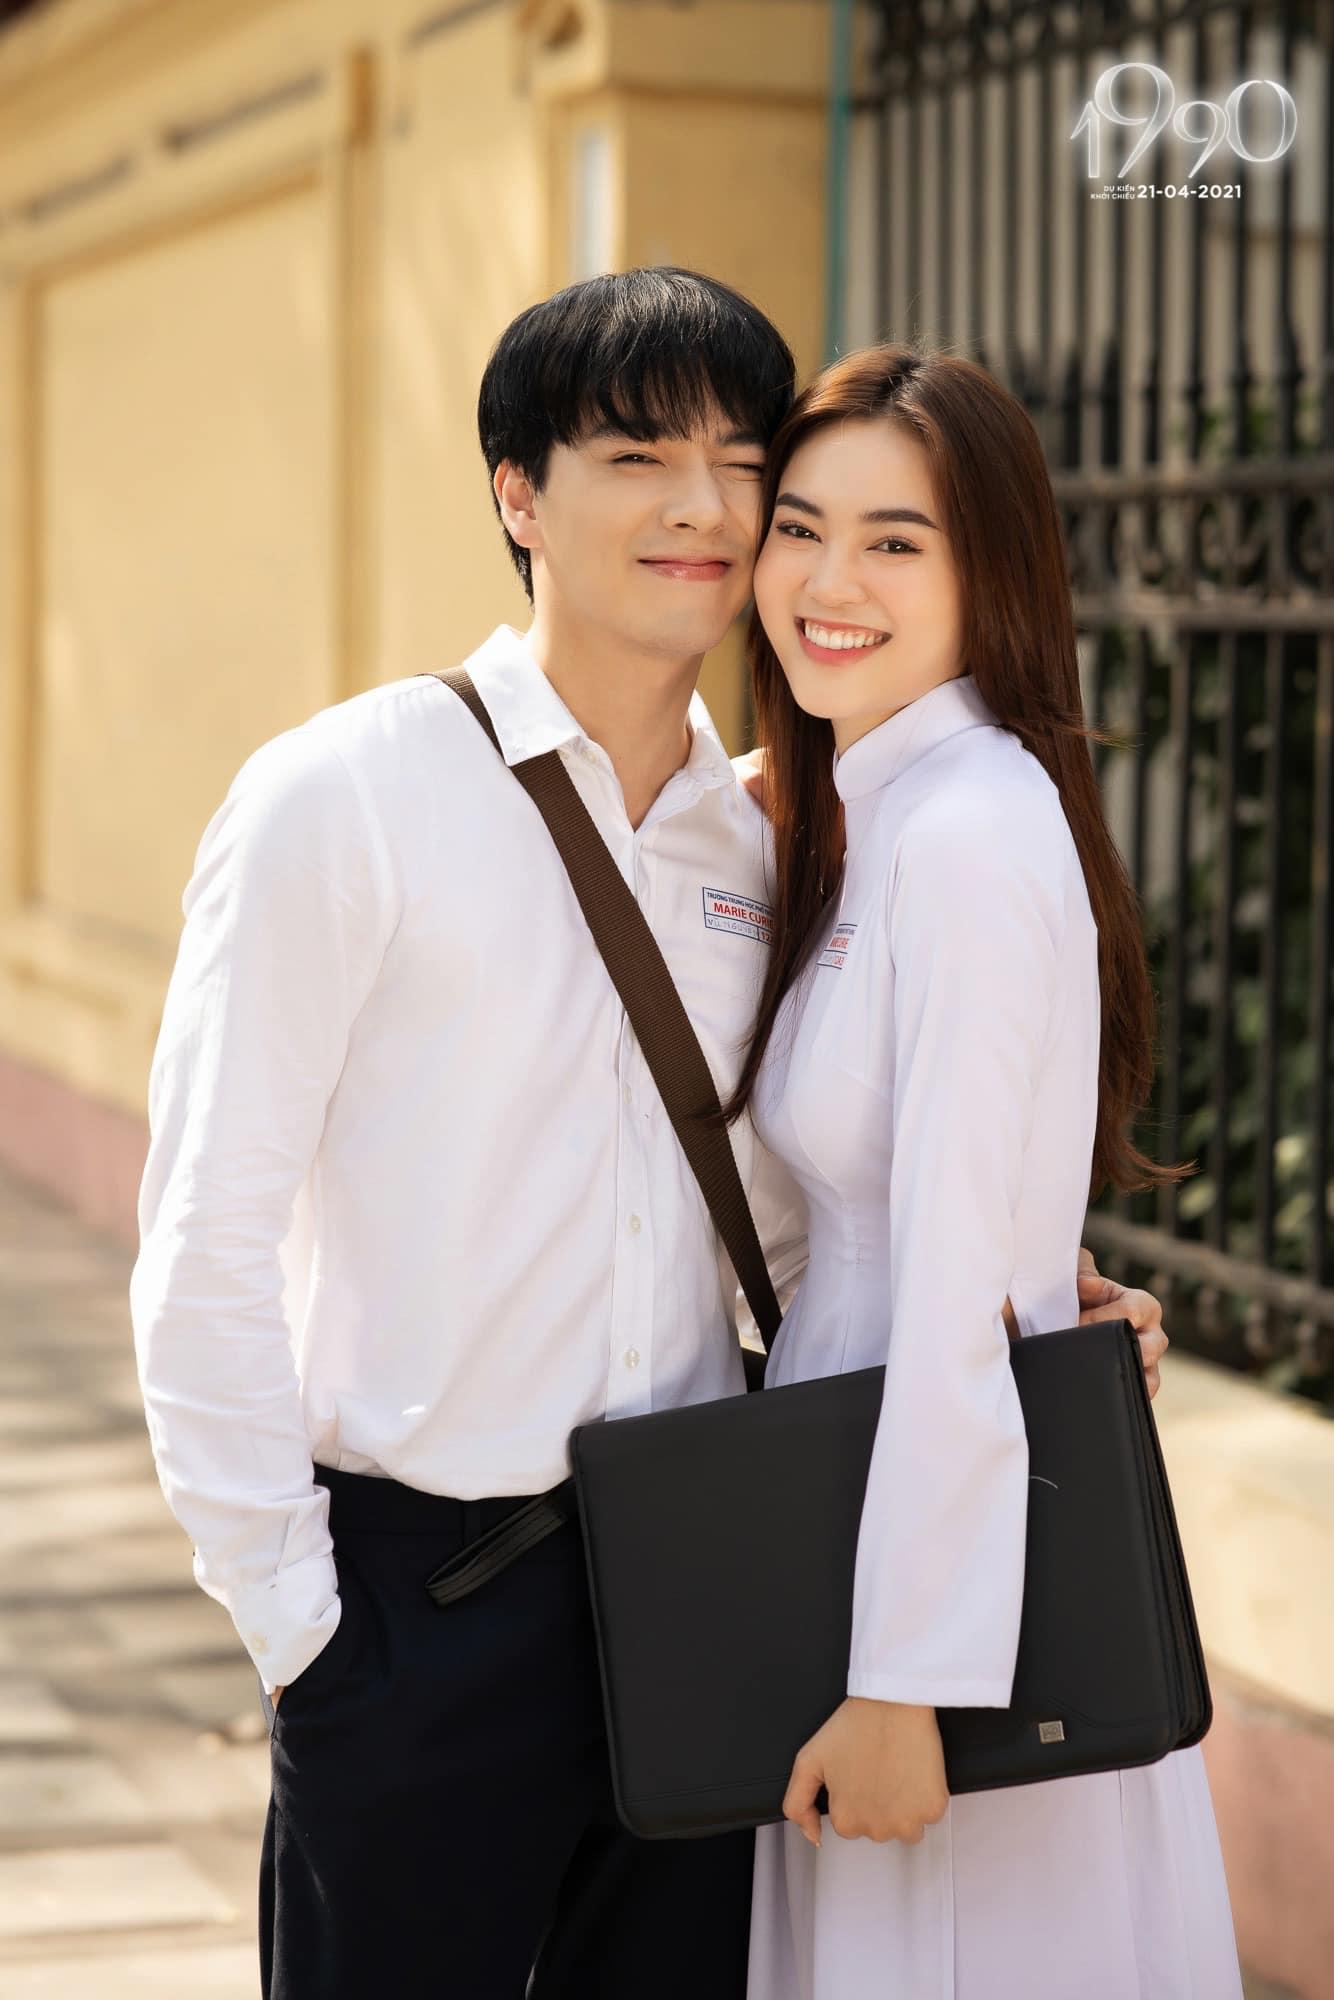 Nhiều người phát hiện gương mặt này cũng là bạn trai của Ninh Dương Lan Ngọc trong phim điện ảnh 1990, được công bố cách đó không lâu.